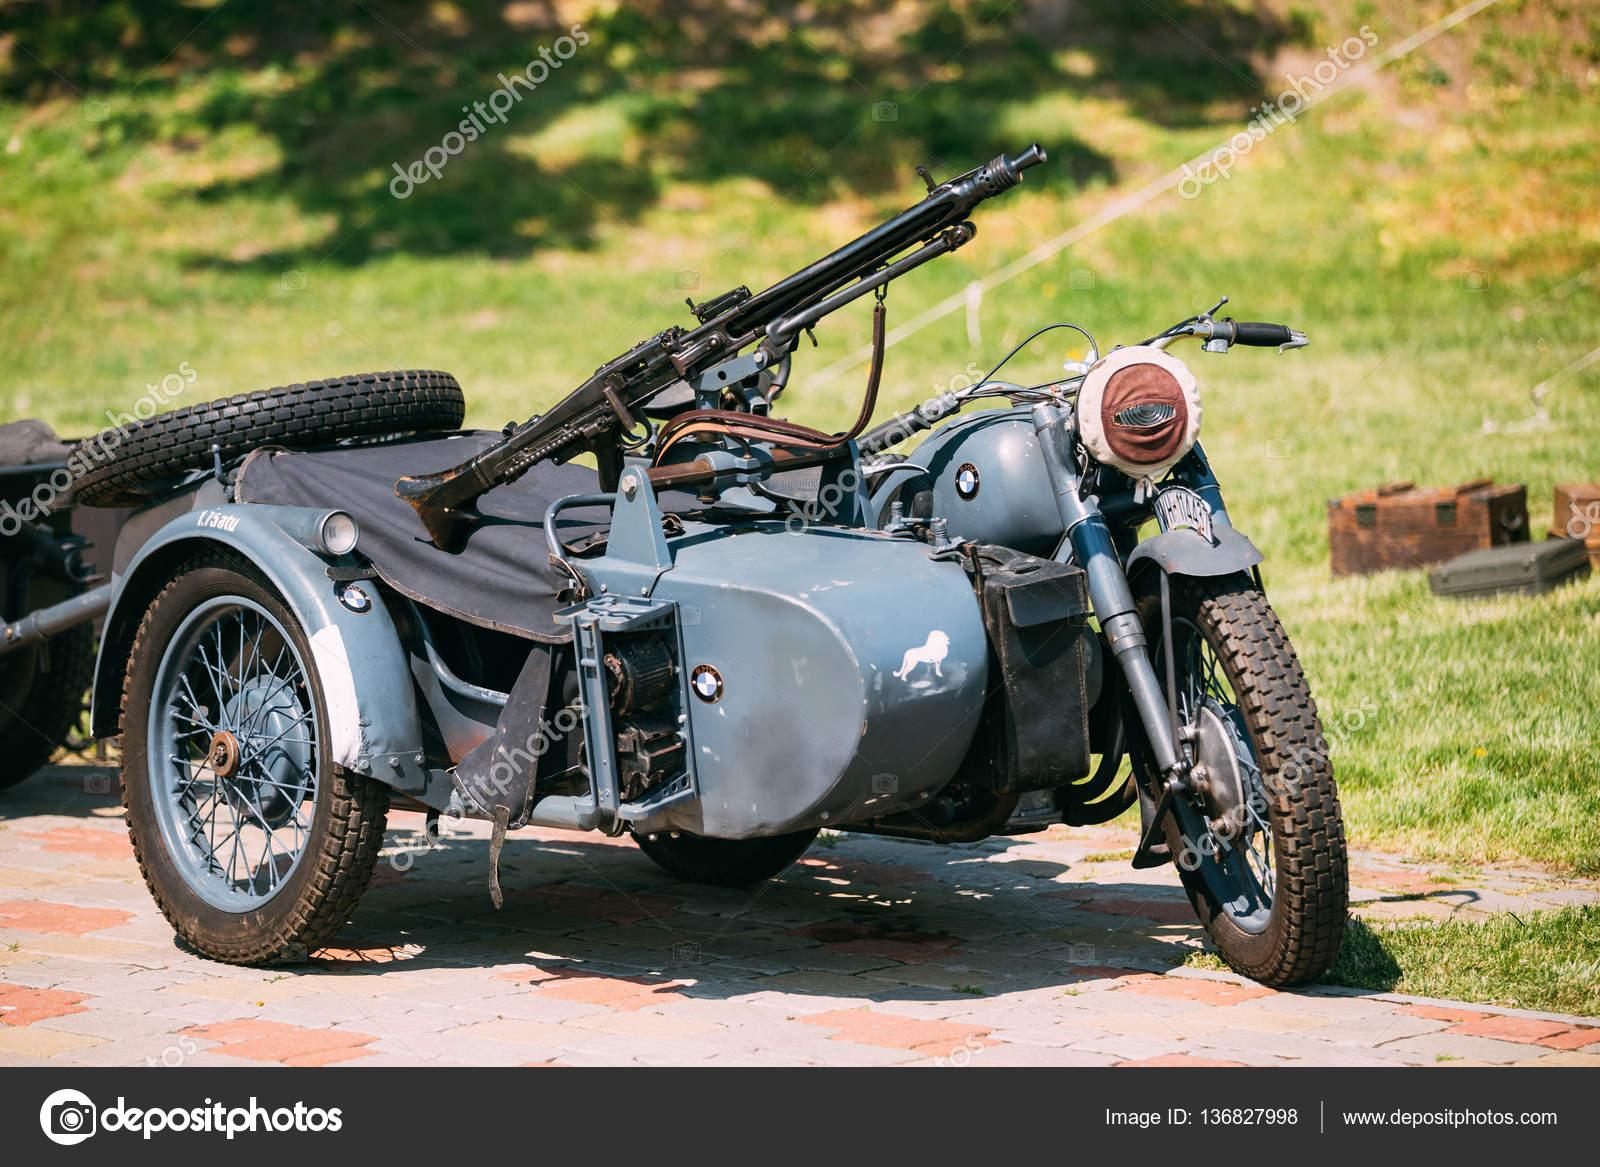 rarit t blau dreirad der wehrmacht dreir driges motorrad mit maschinengewehr stockfoto. Black Bedroom Furniture Sets. Home Design Ideas